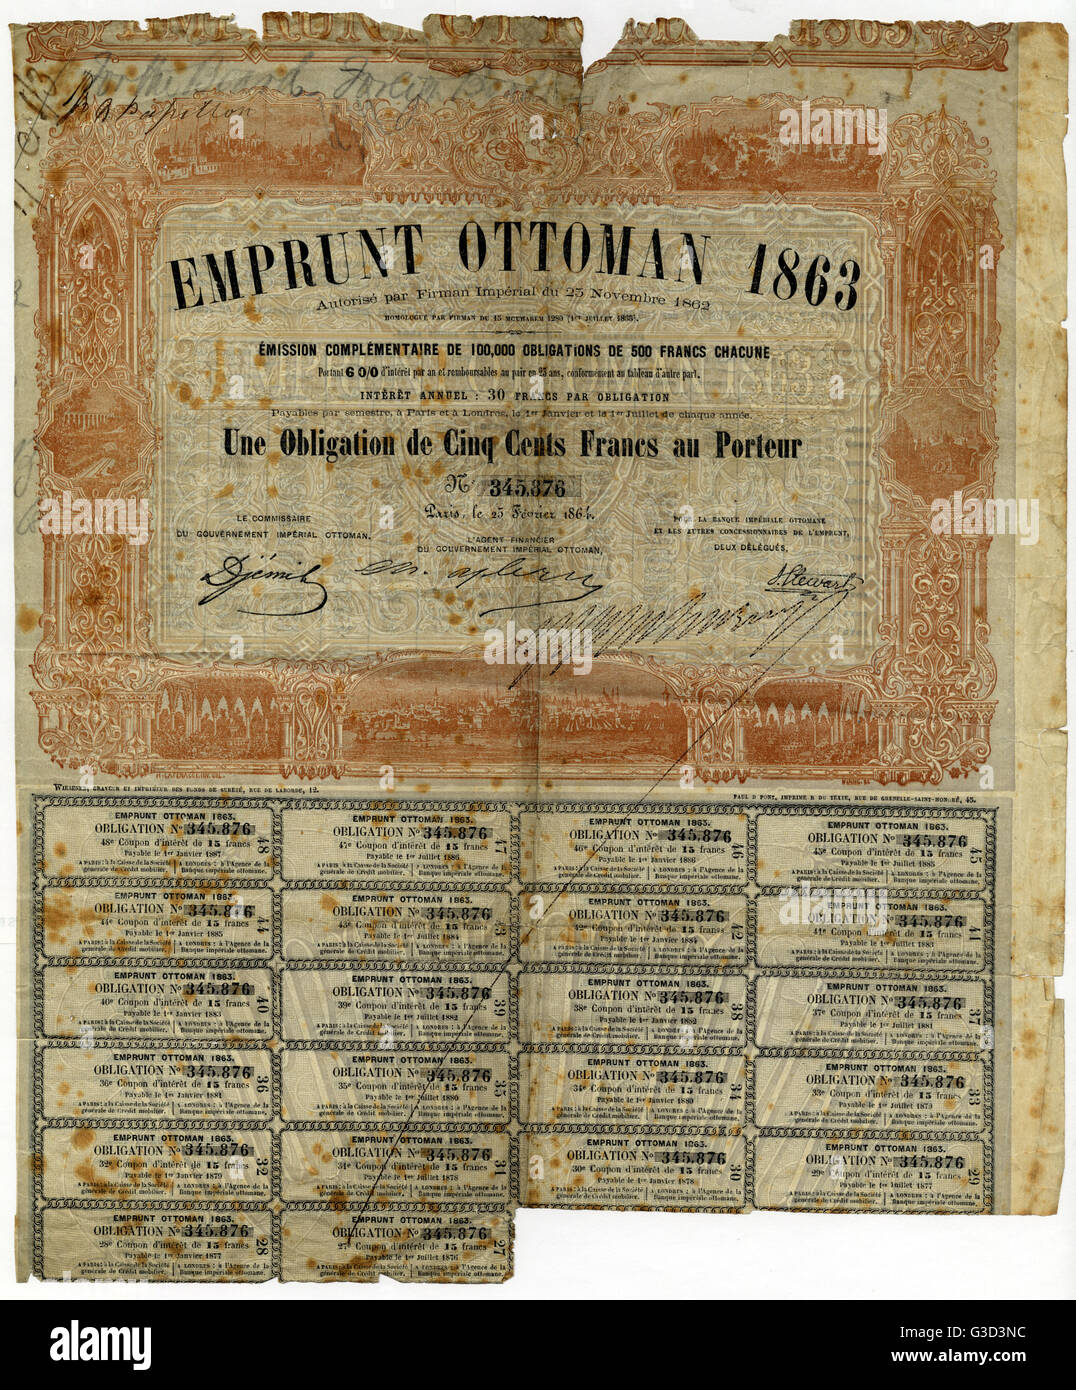 Impero ottomano Bearer Bond. Data: 1863 Immagini Stock